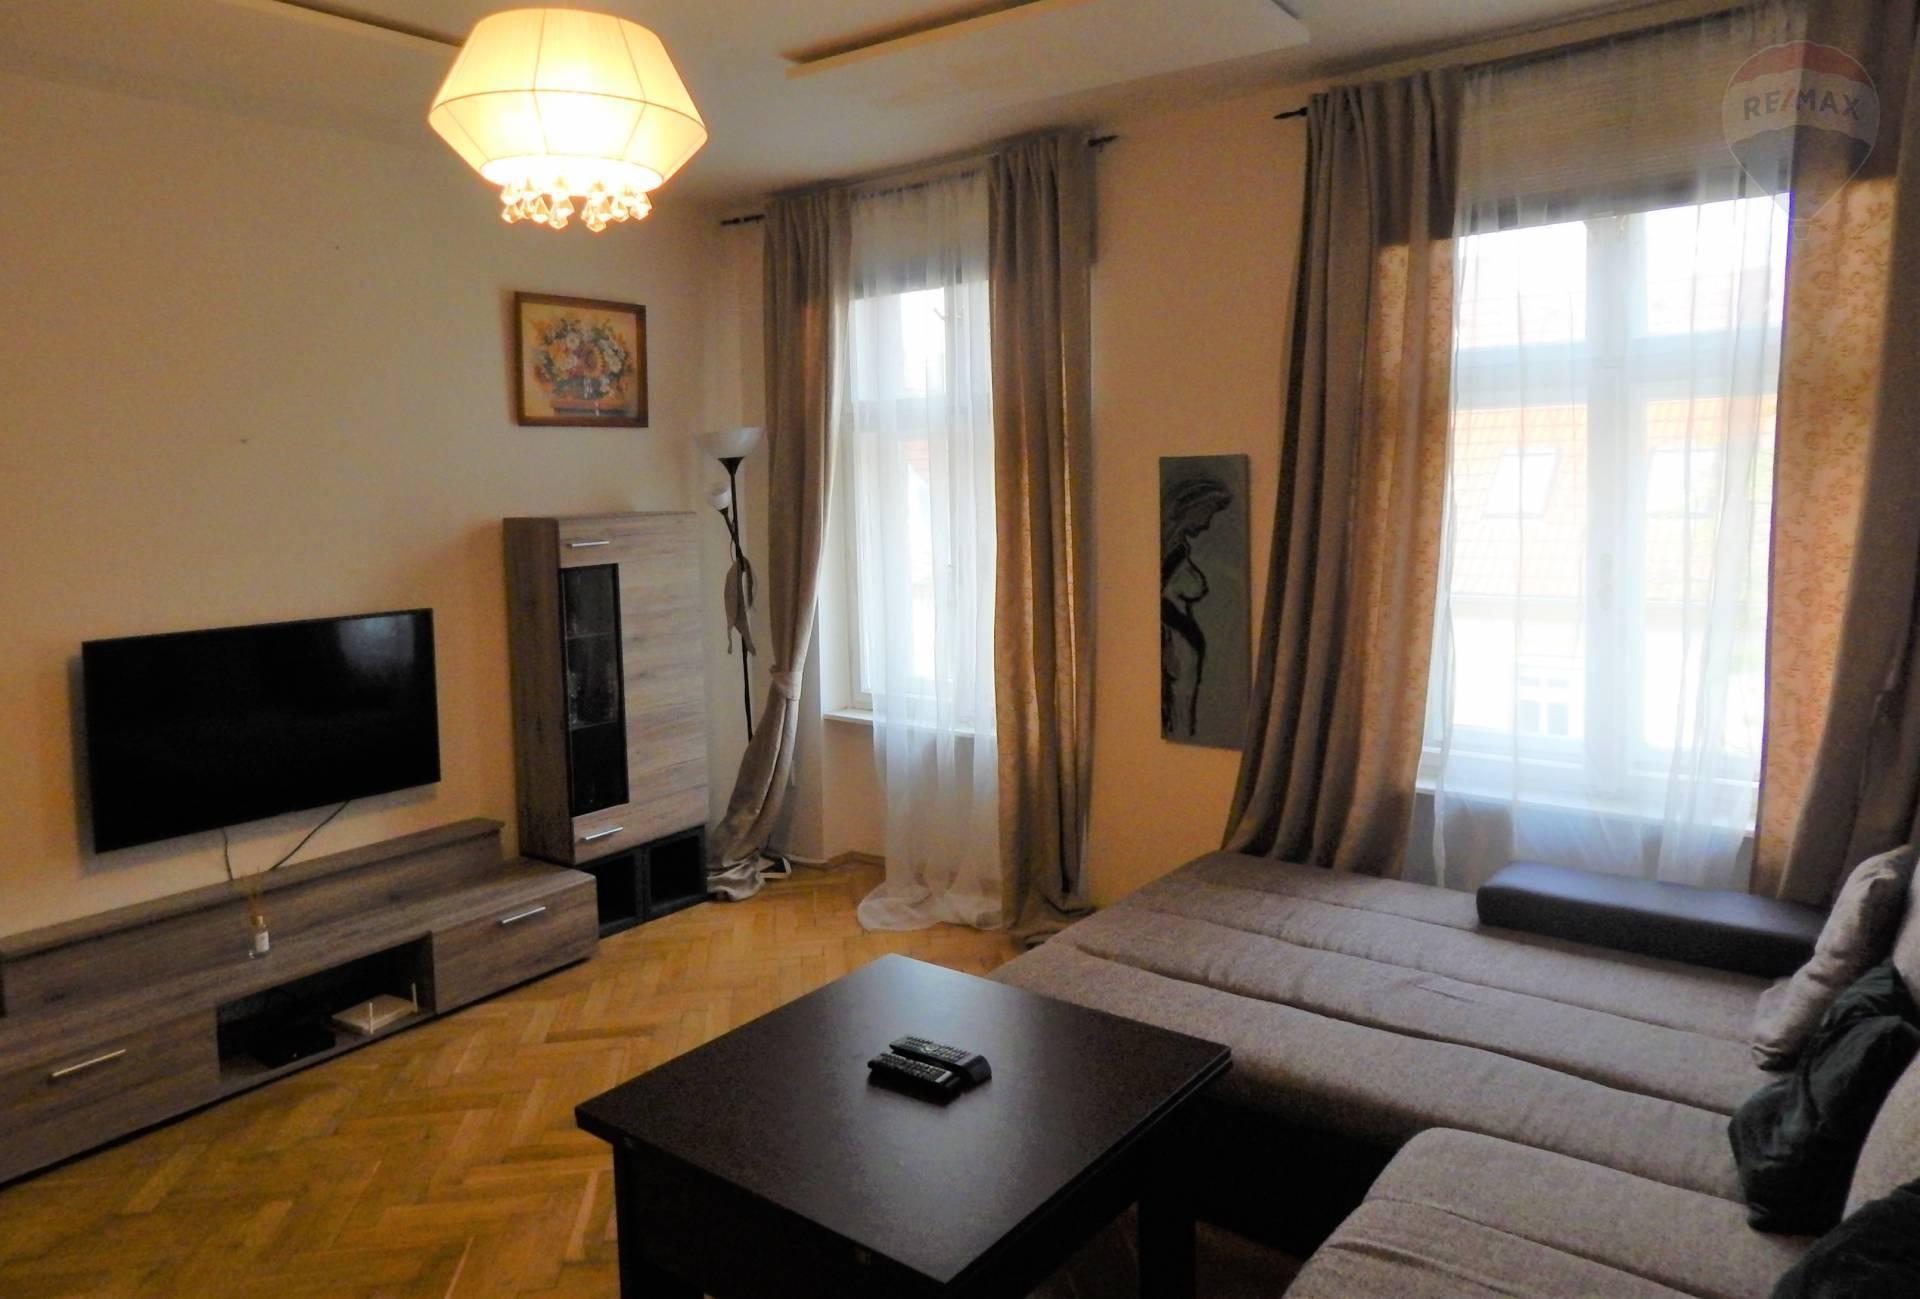 PREDAJ: Krásny 2i-byt vo vyhľadávanej lokalite BAIII so zeleným vnútroblokom (komplet rekonštrukcia)